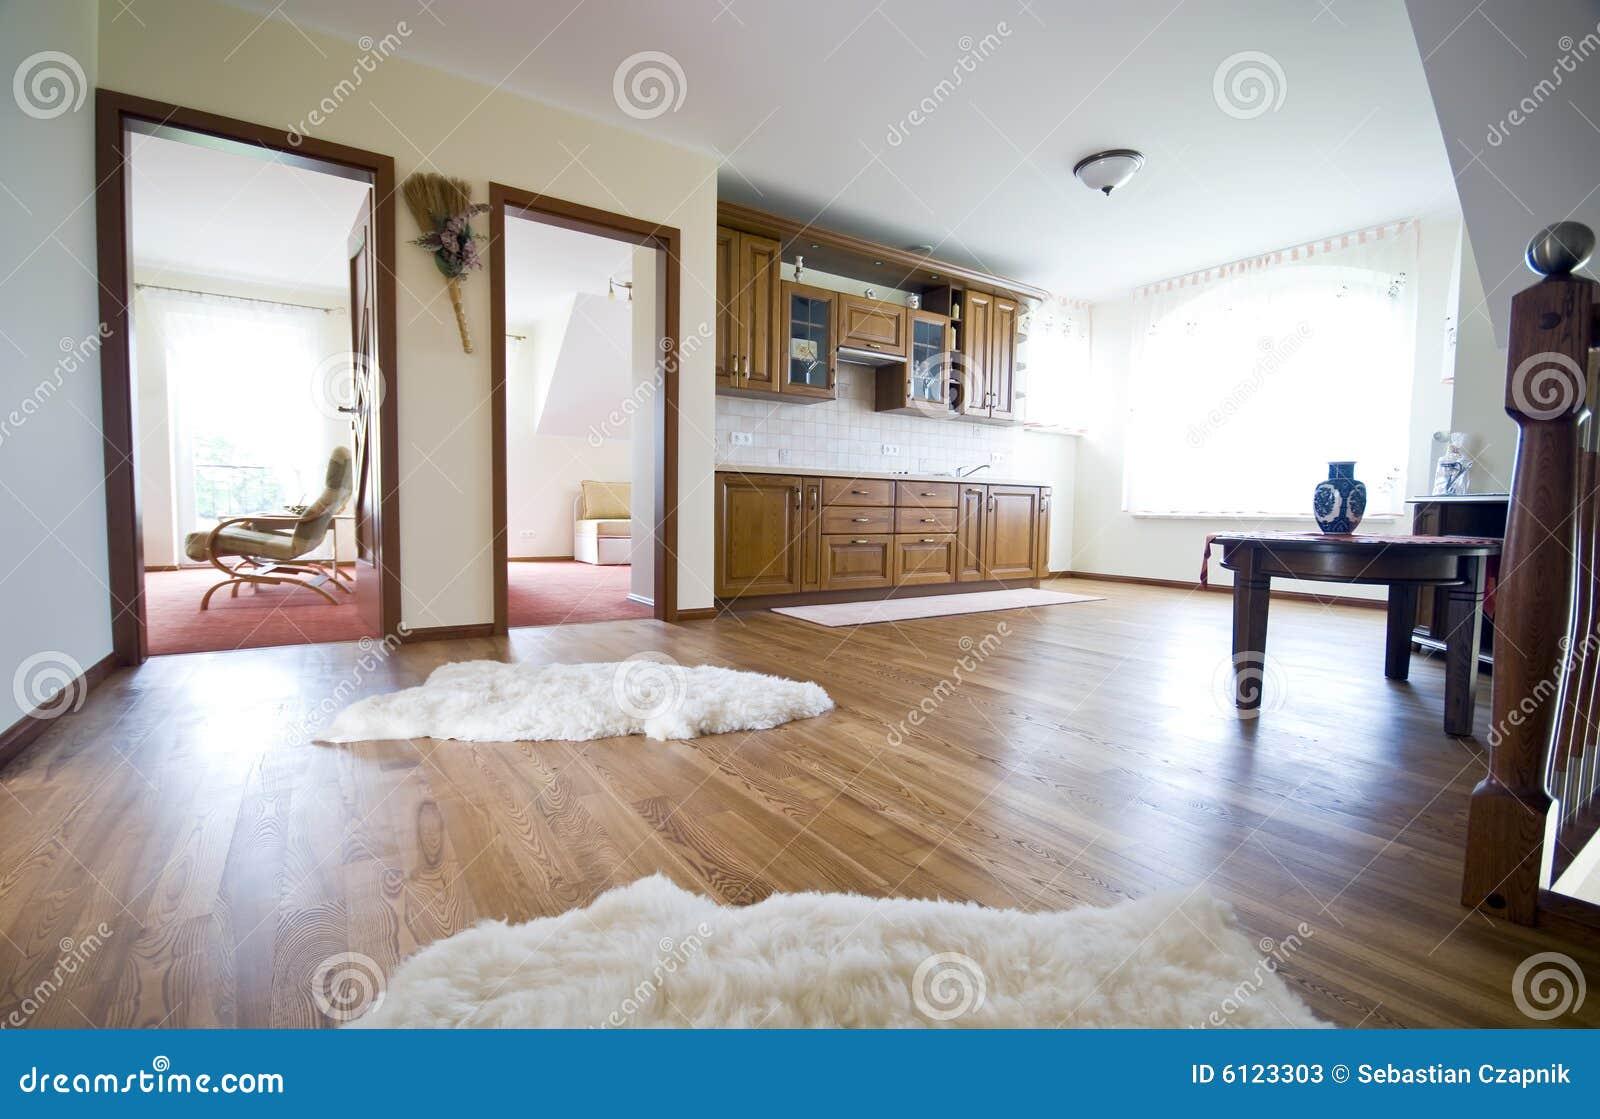 Cocina del suelo de madera dura fotos de archivo imagen - Suelo madera cocina ...